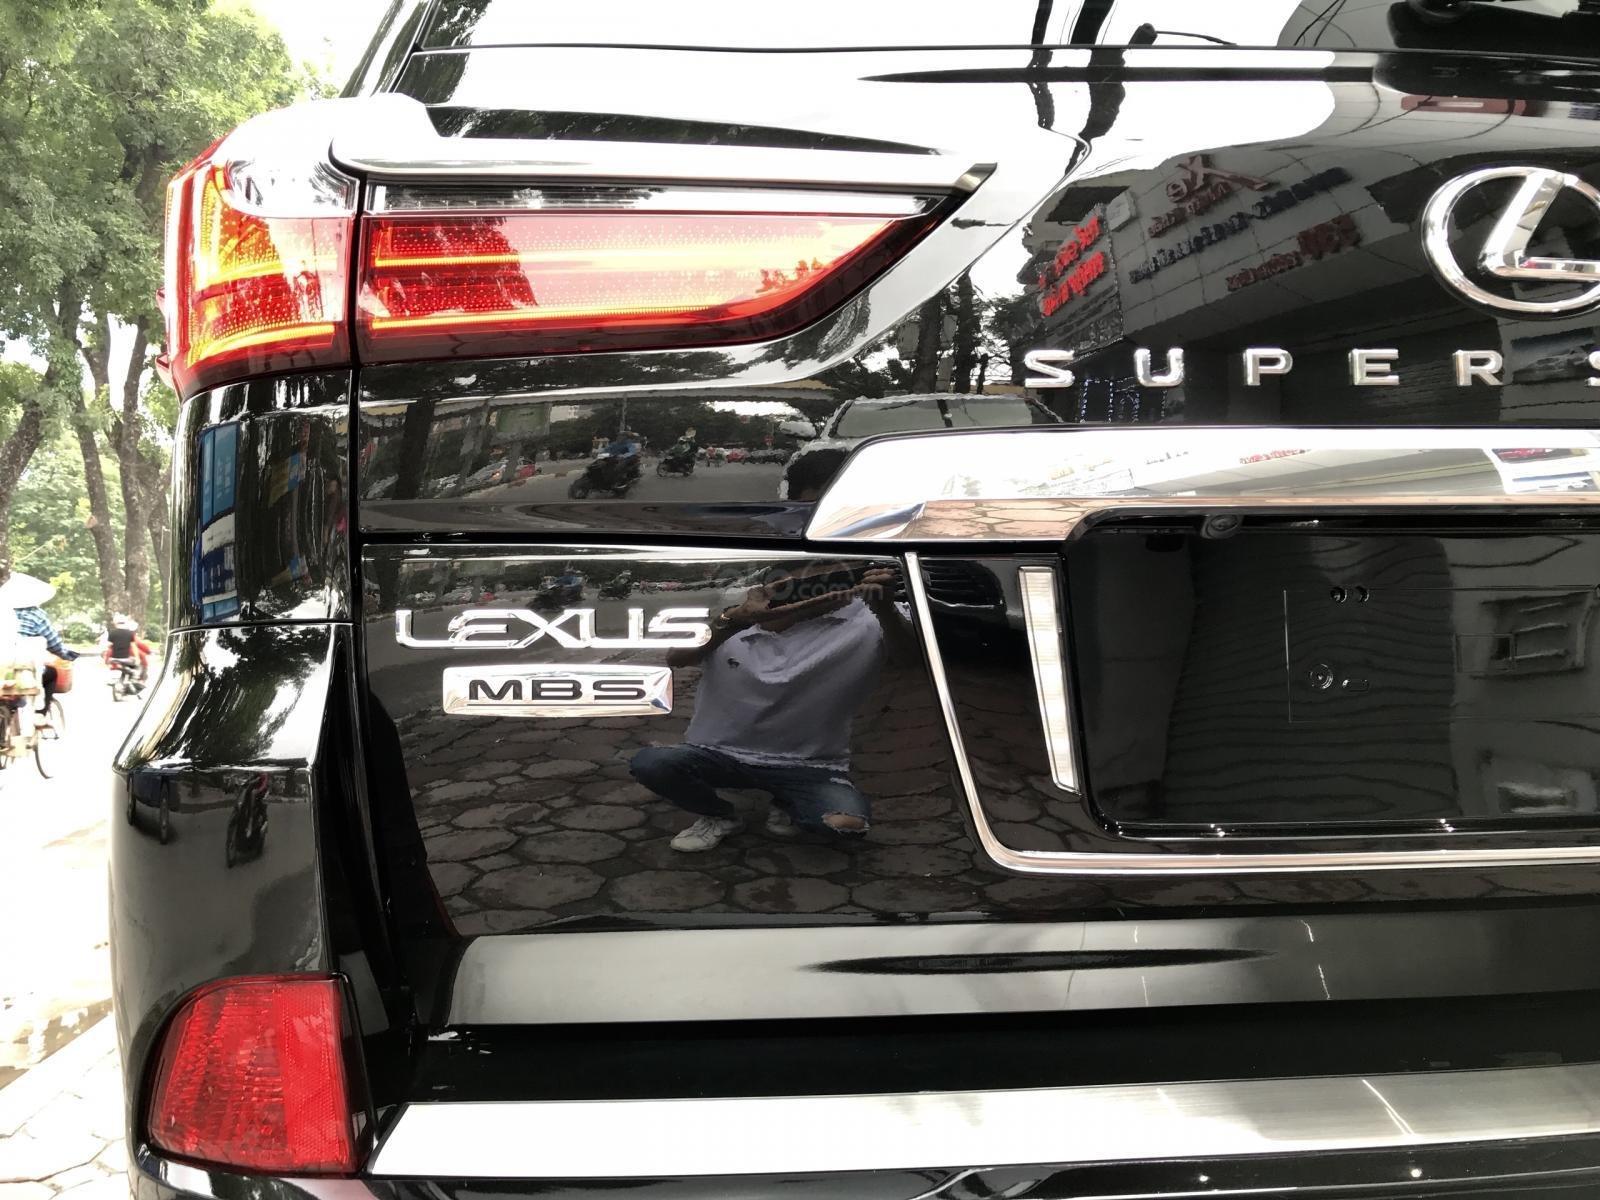 Bán xe Lexus LX 570S SuperSport MBS 4 ghế model 2019, màu đen, nhập khẩu nguyên chiếc-11